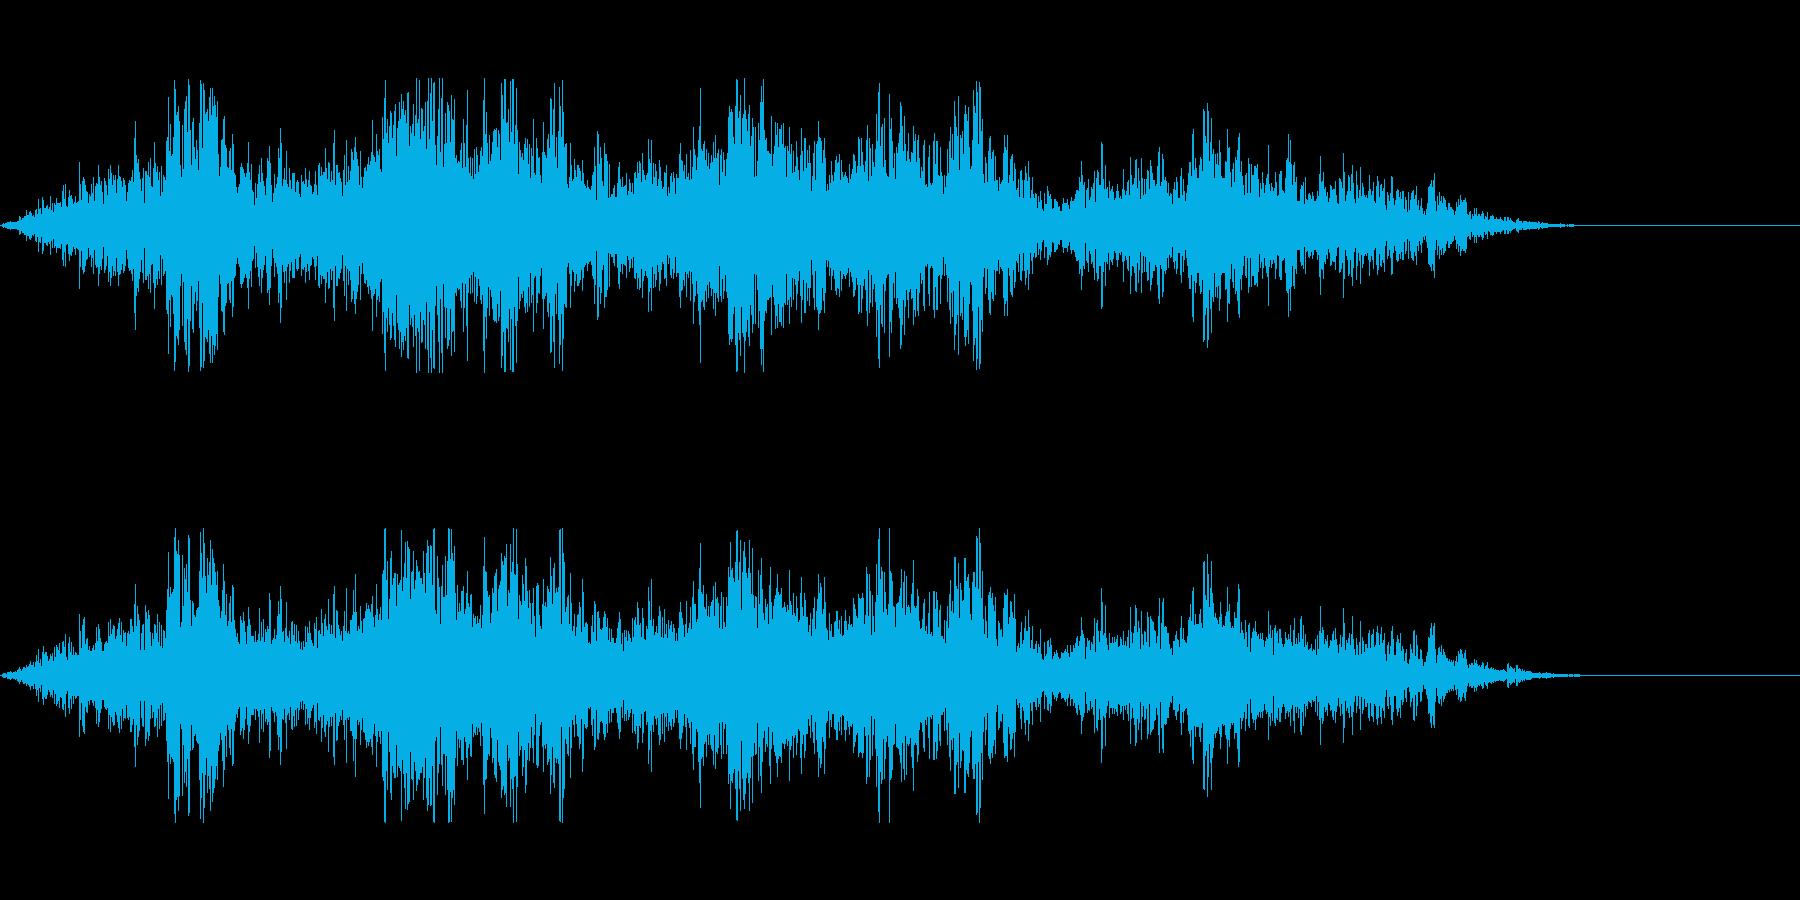 吹きつける風の音の再生済みの波形